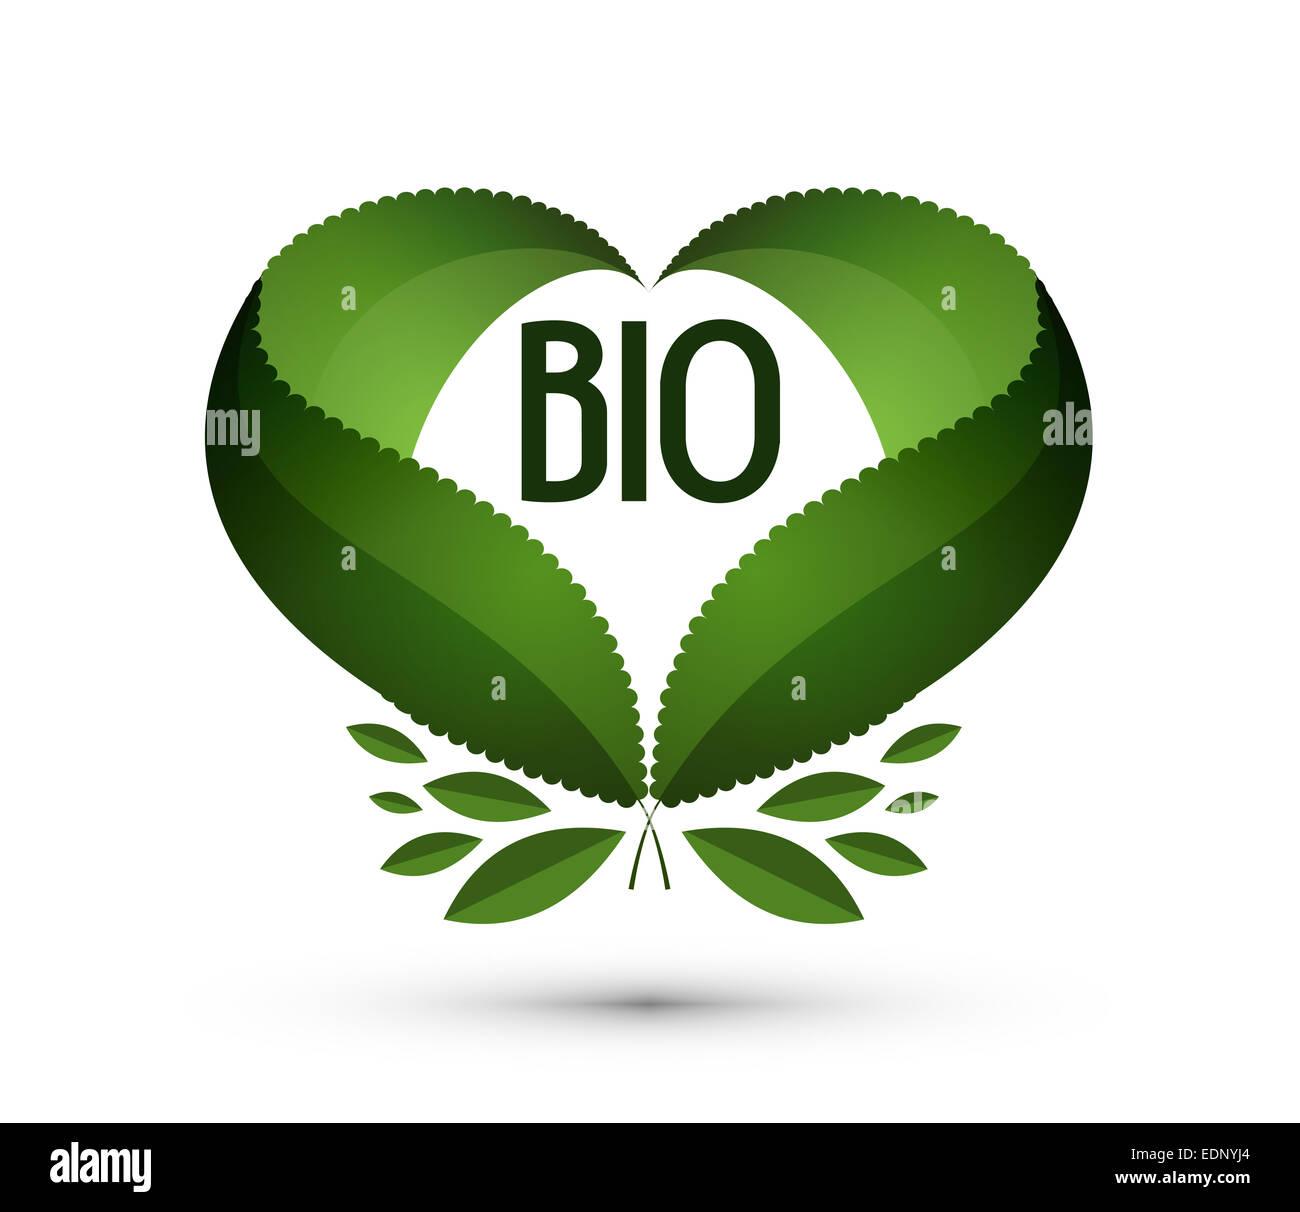 Bio Cycle Imágenes De Stock & Bio Cycle Fotos De Stock - Alamy